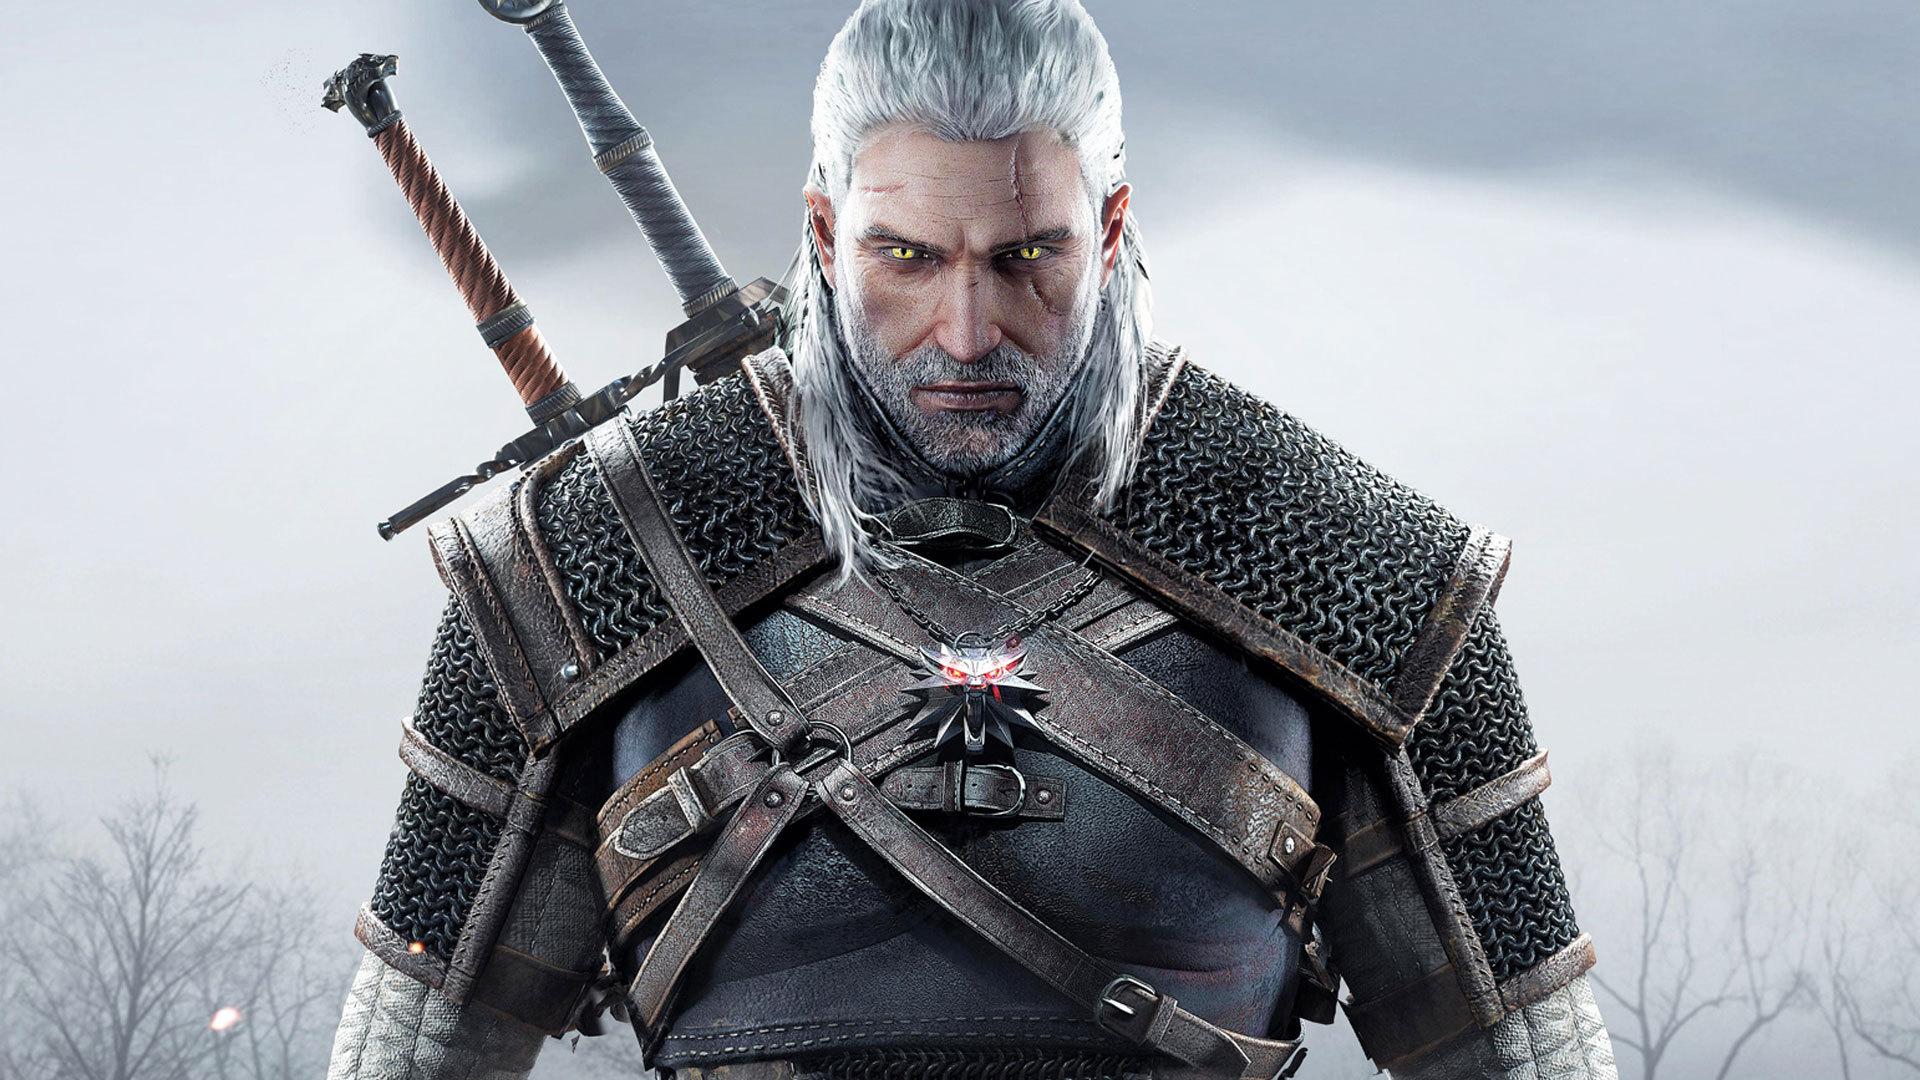 Henry Cavill Cast as Monster Hunter Geralt in Netflix's 'The